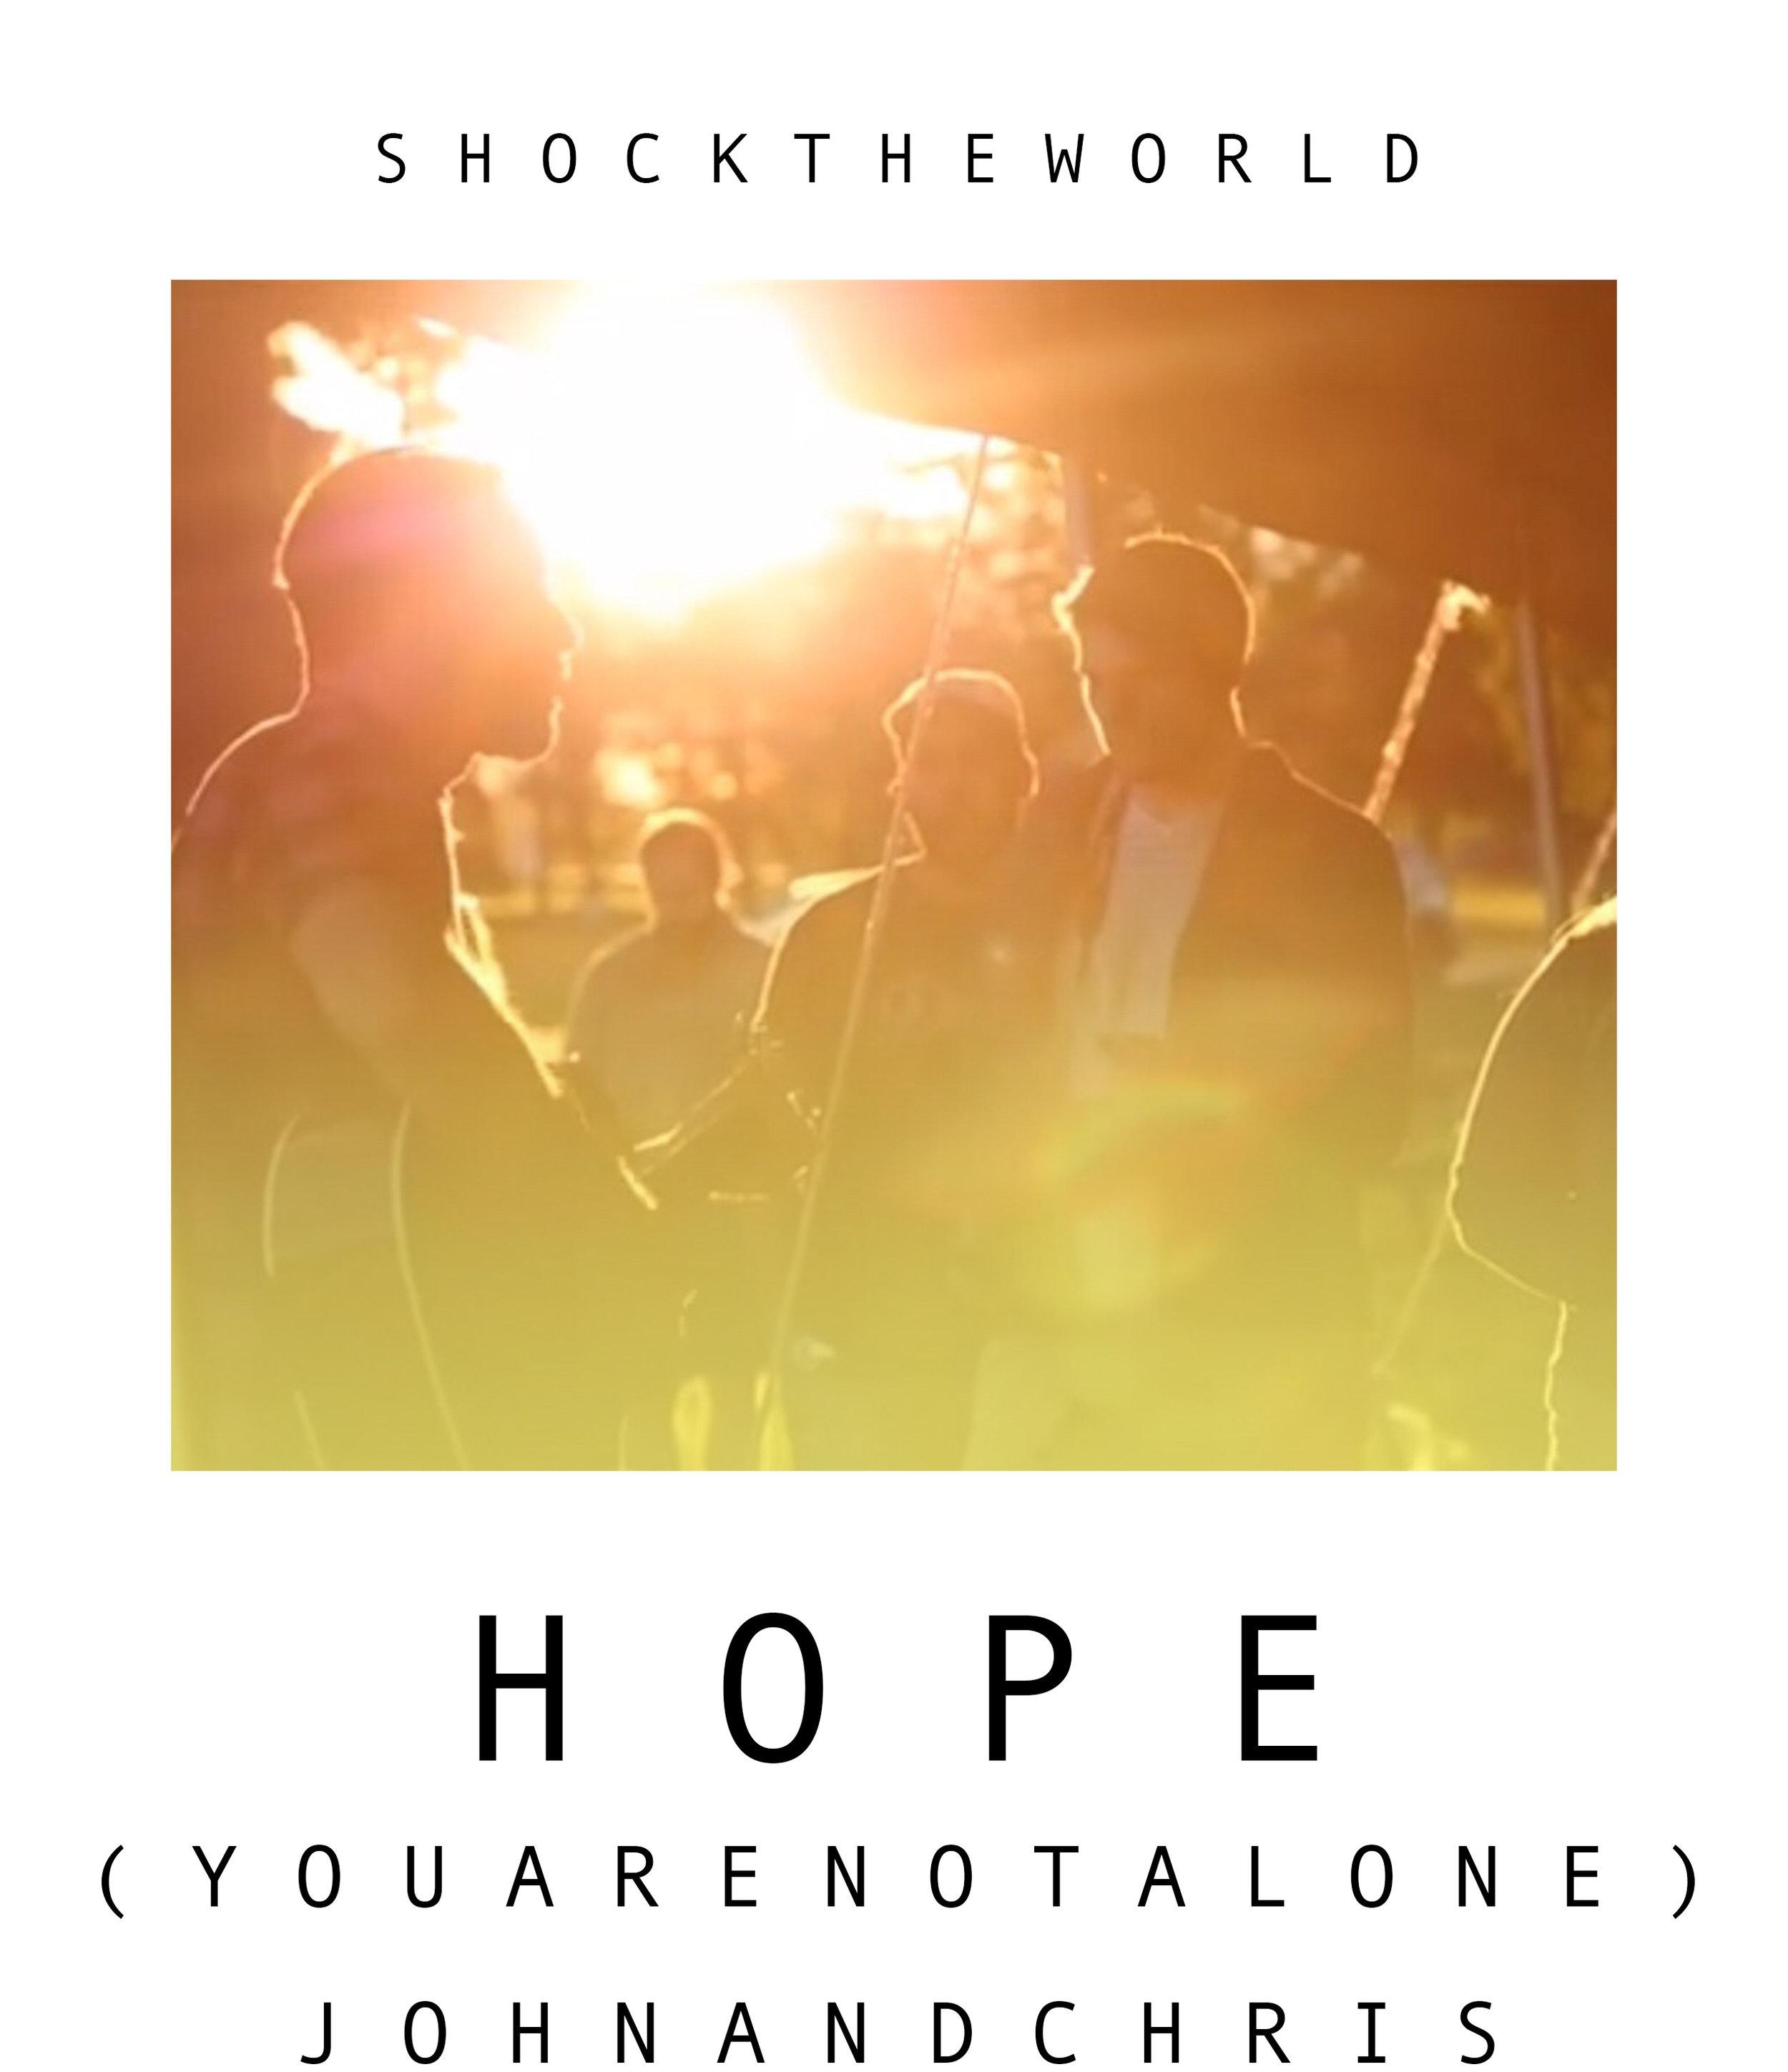 hope not alone flyer.jpg